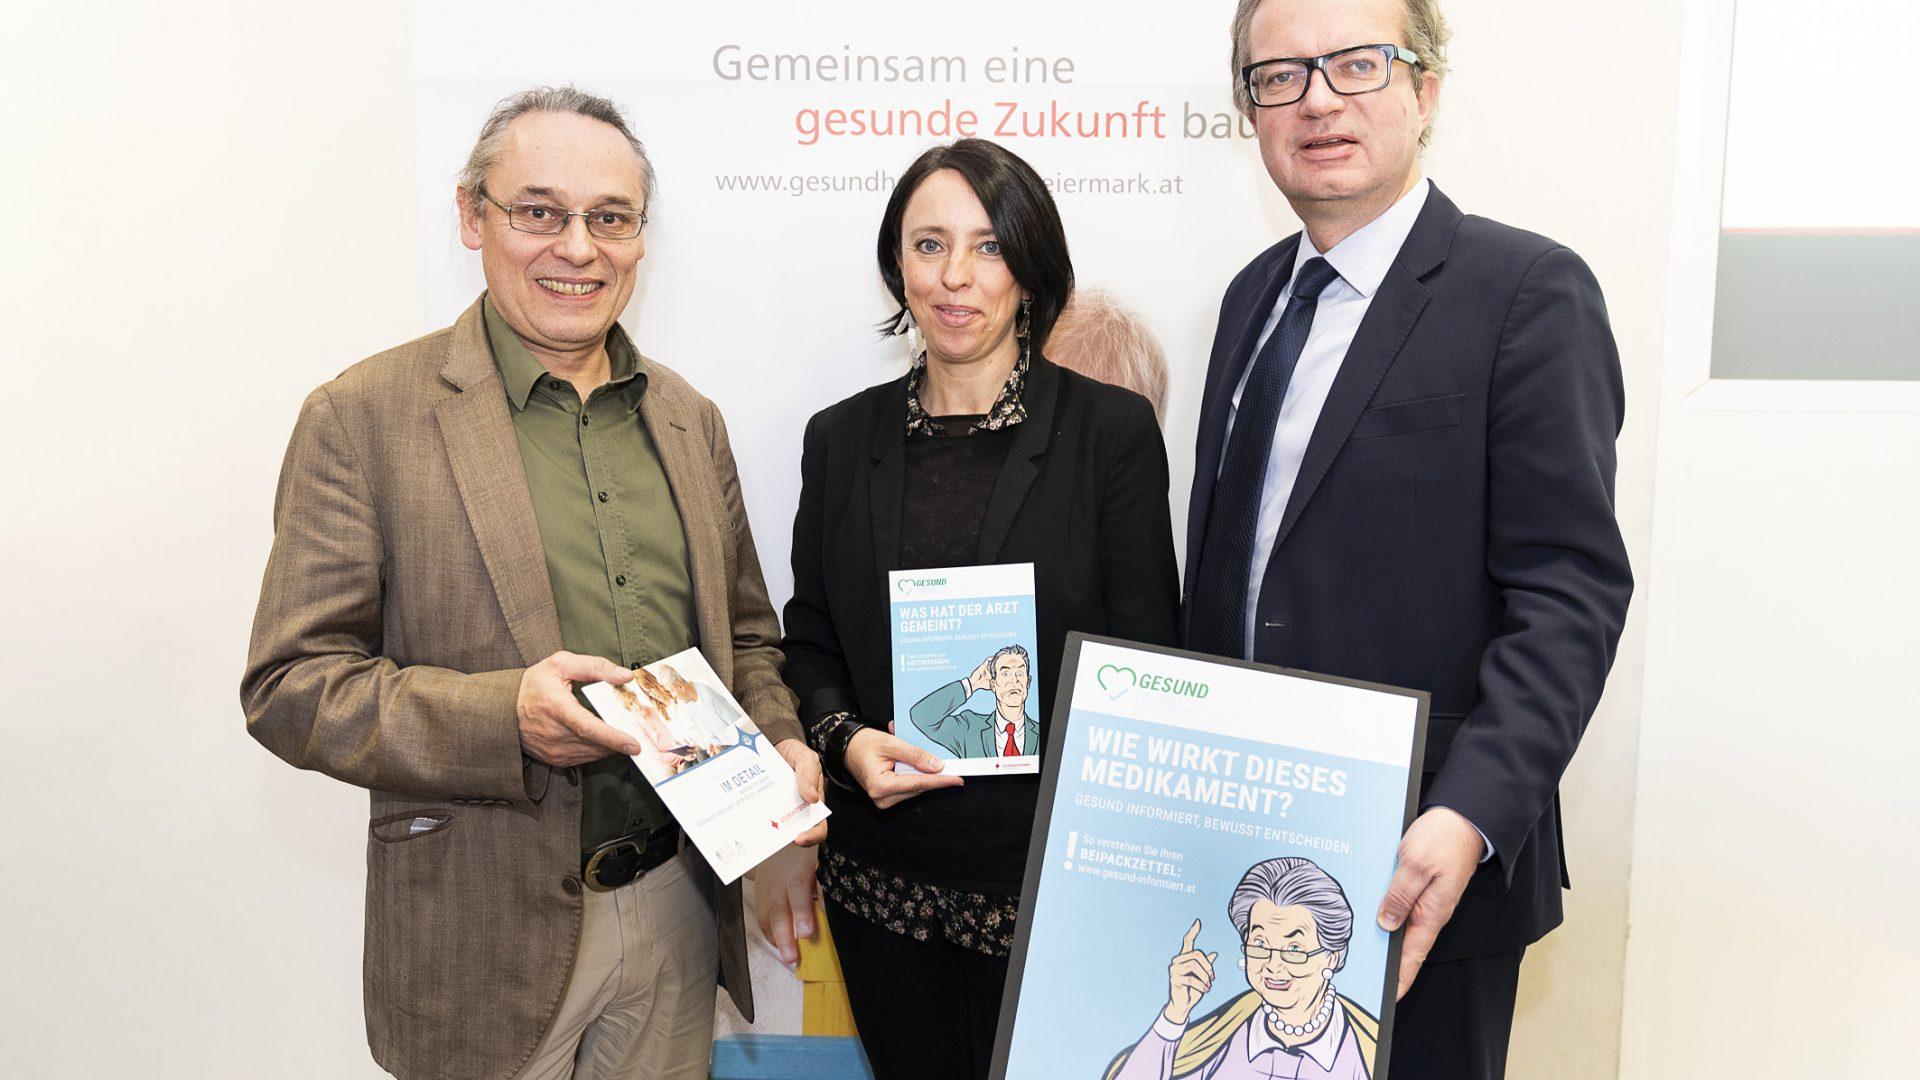 gesund informiert © Gesundheitsfonds Steiermark/Jesse